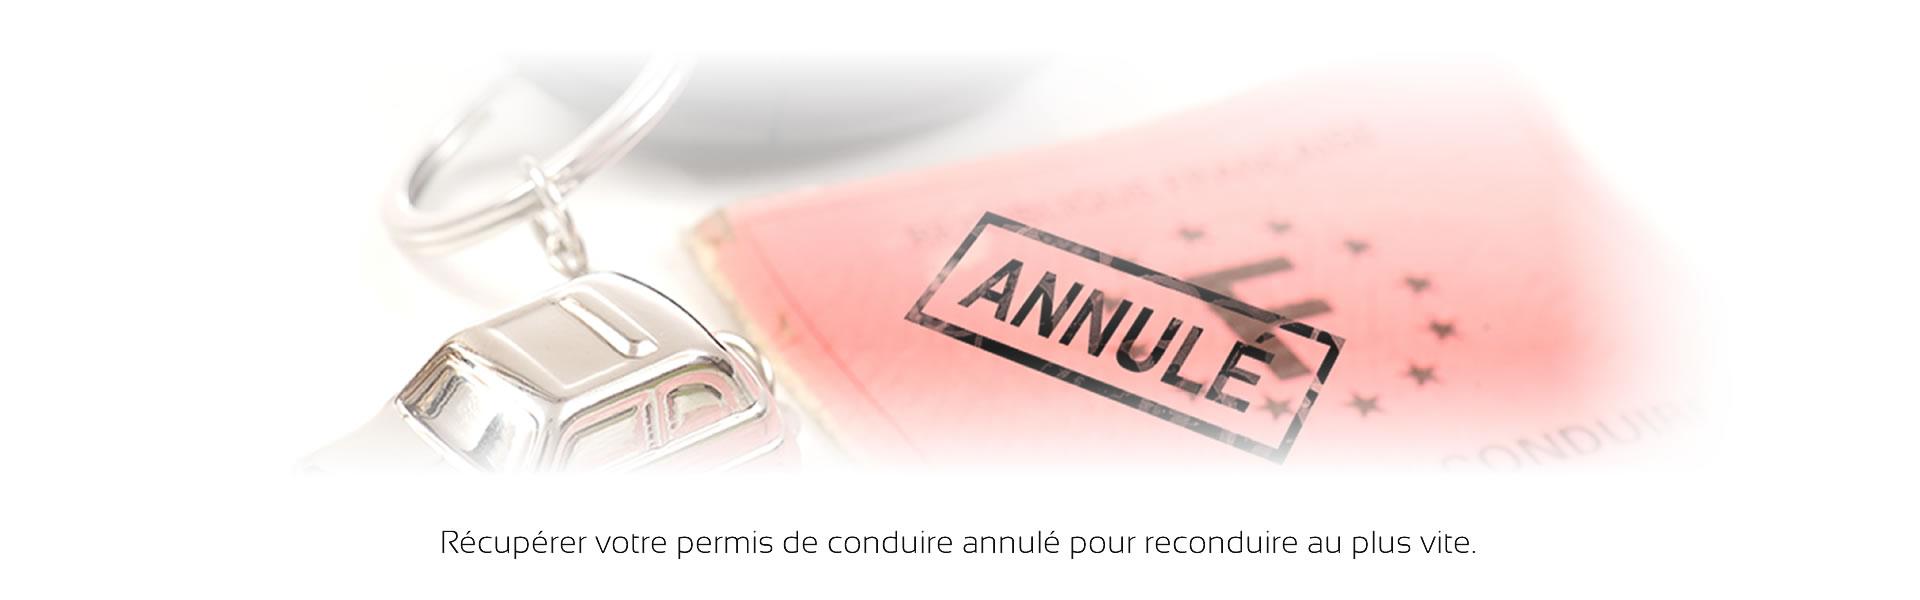 banniere-annulation